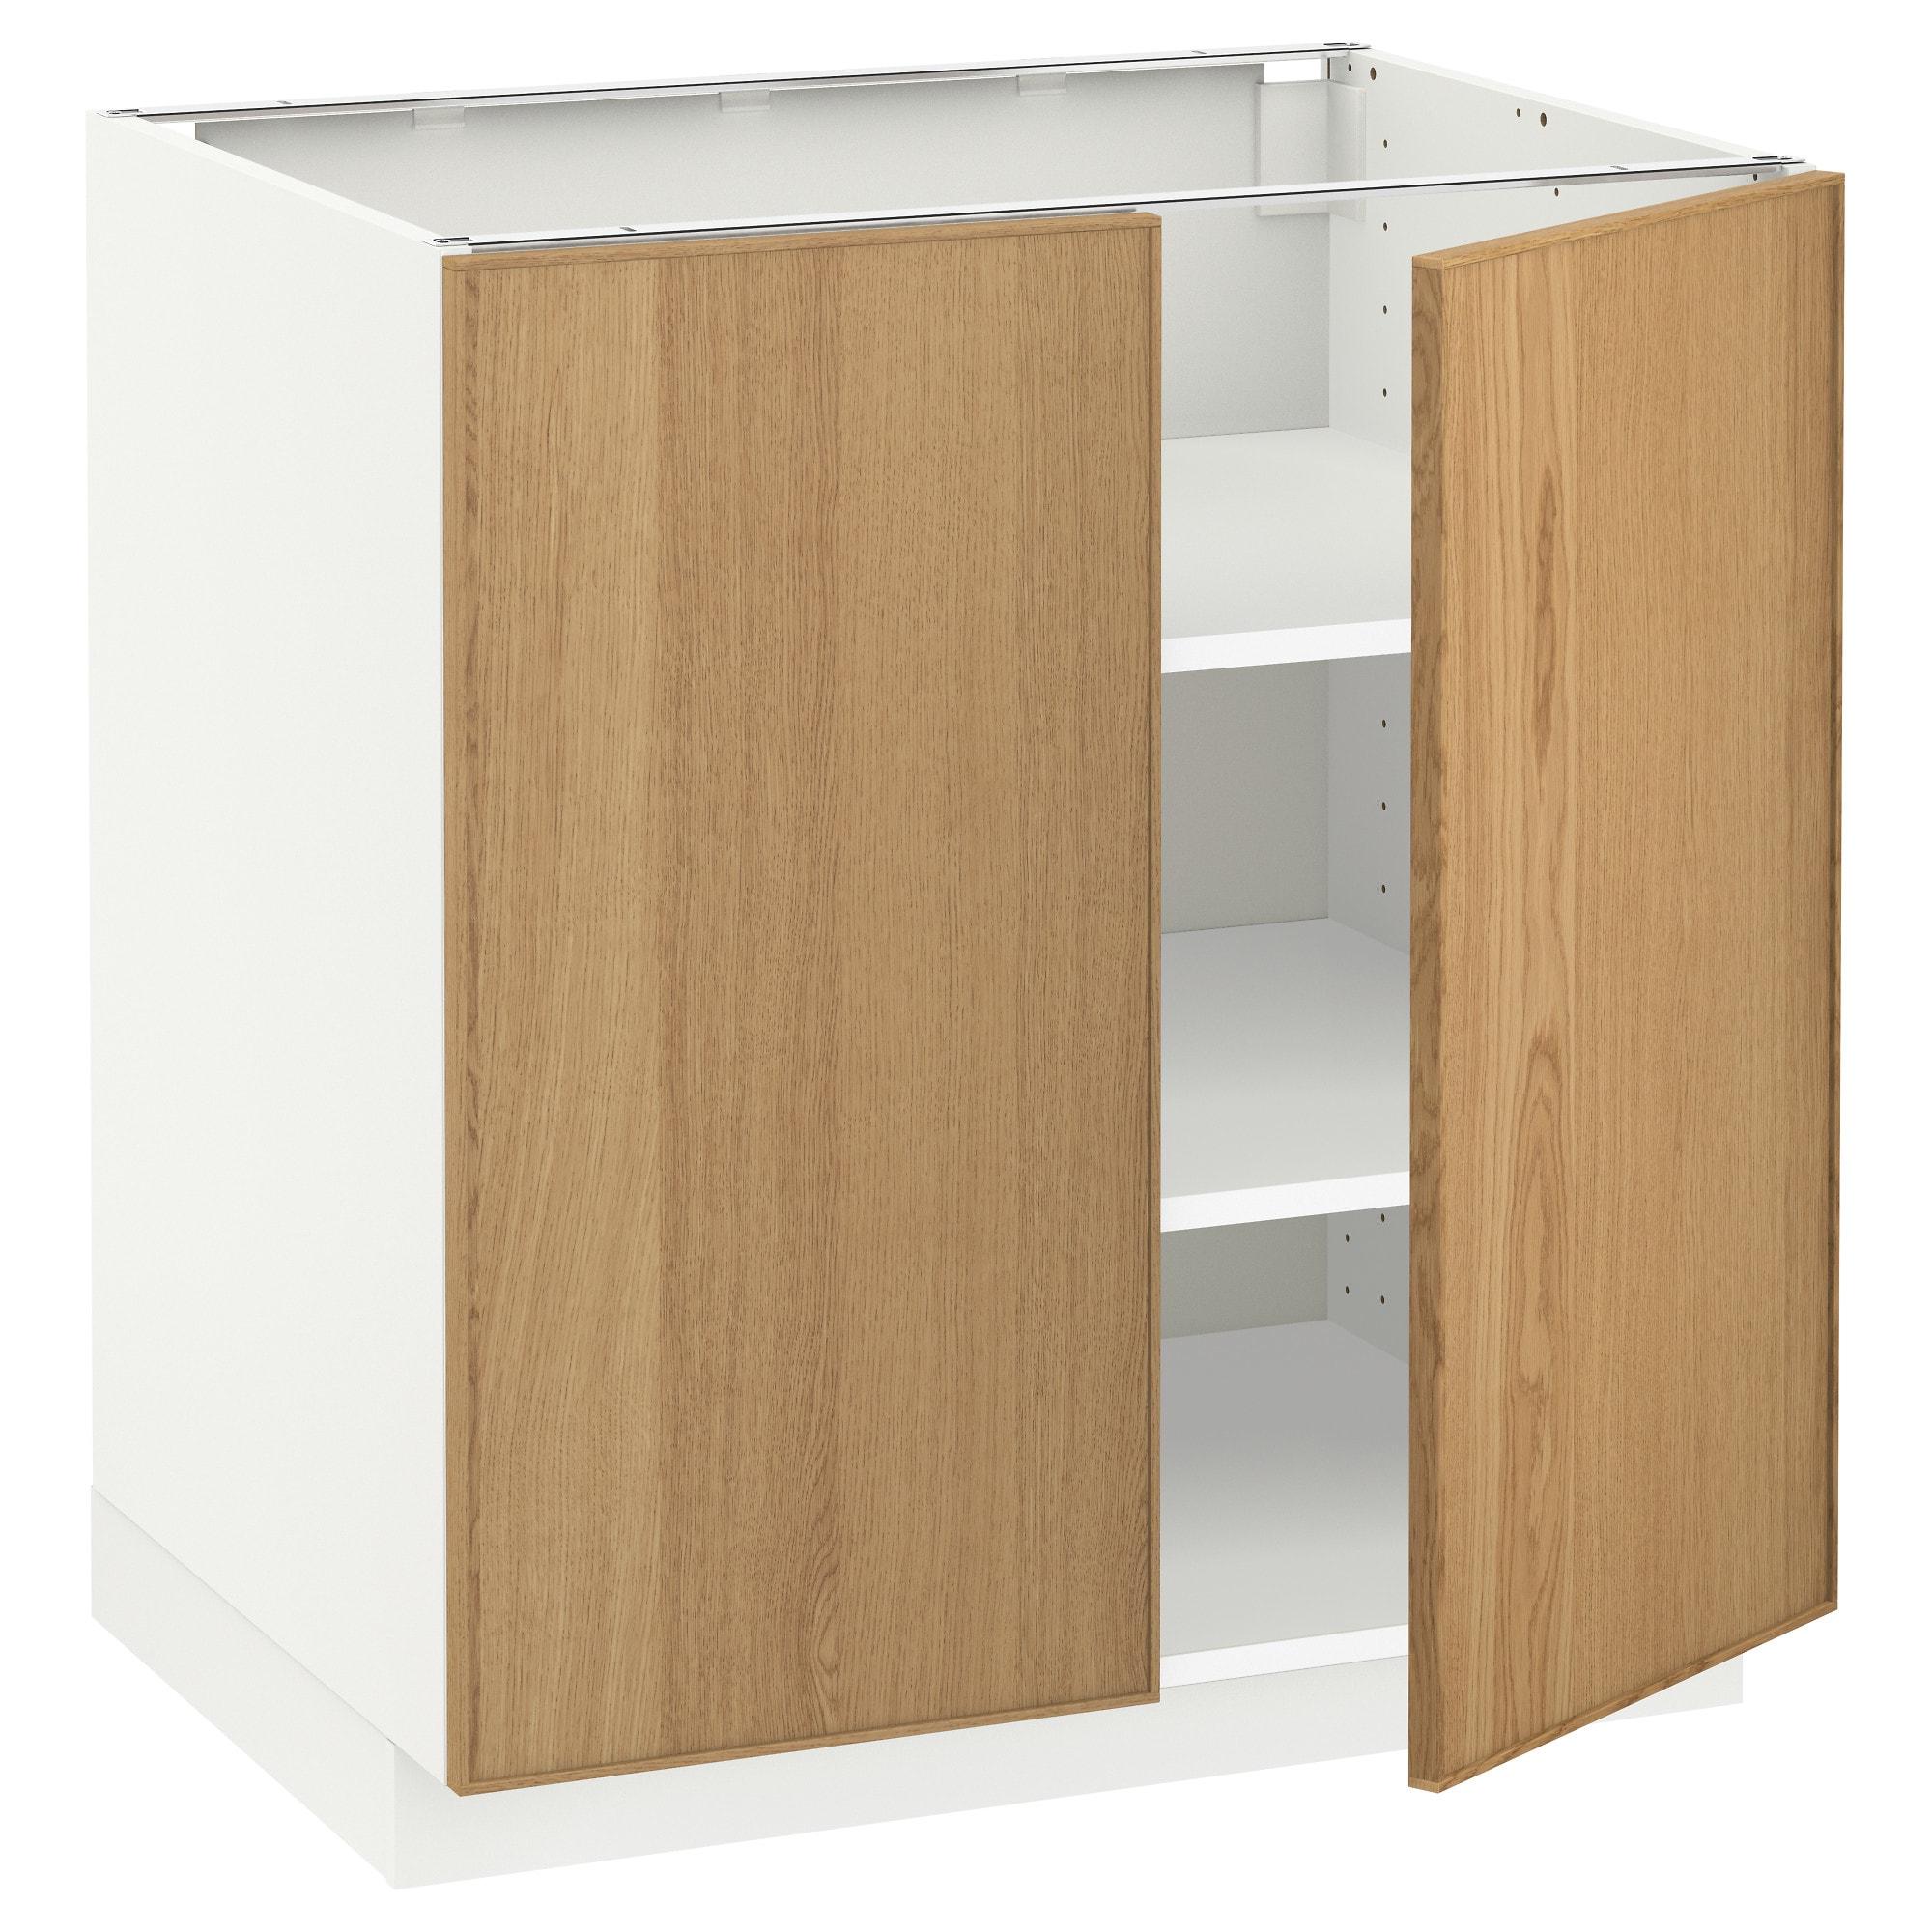 Puertas Armarios Cocina T8dj Armarios Cocina Bajos Hasta 60 Cm Pra Online Ikea